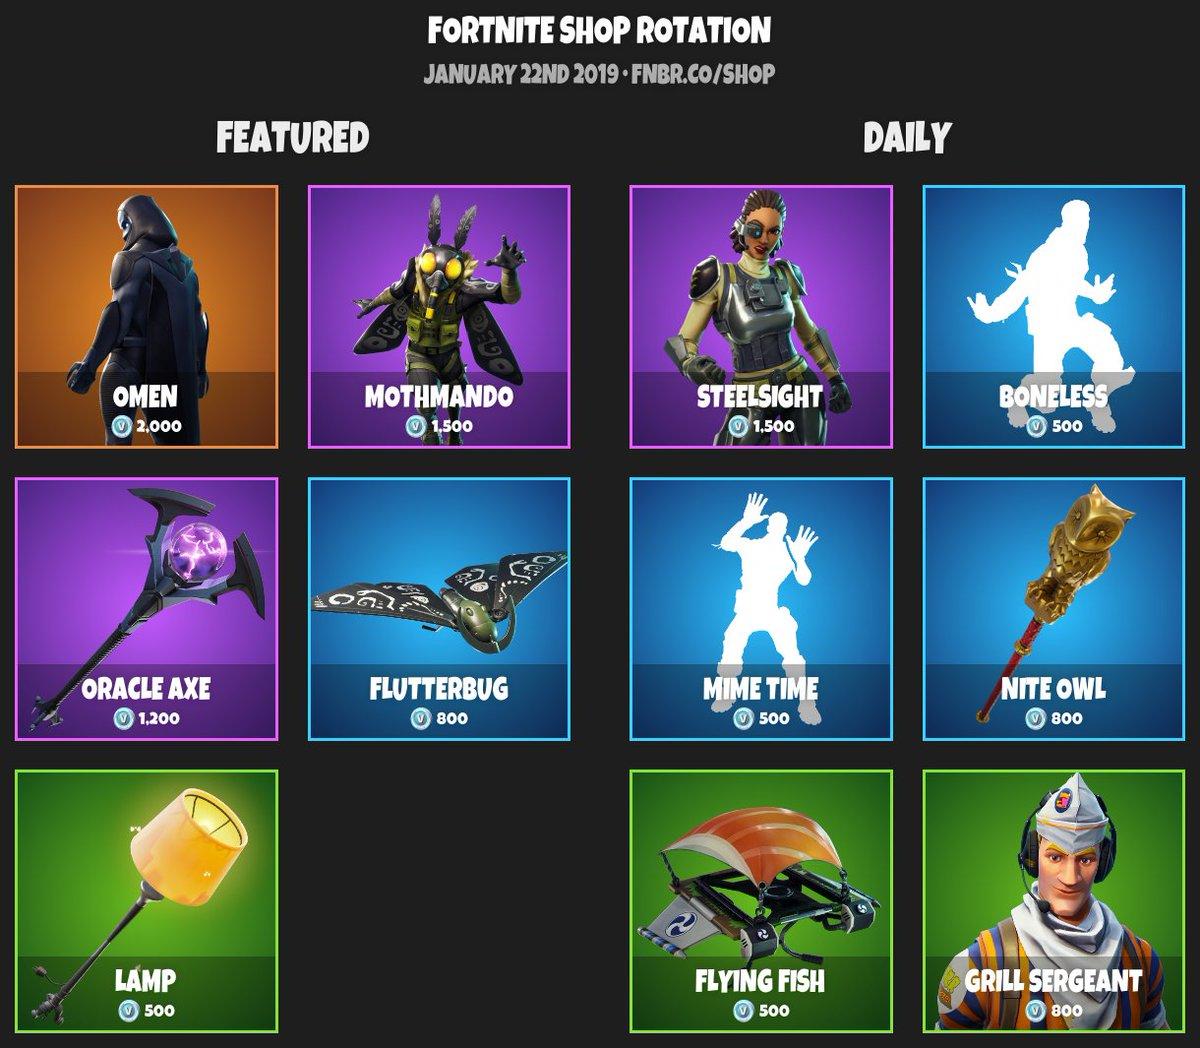 fortnite item shop for january 22nd 2019 https fnbr co - fortnite item shop fnbr